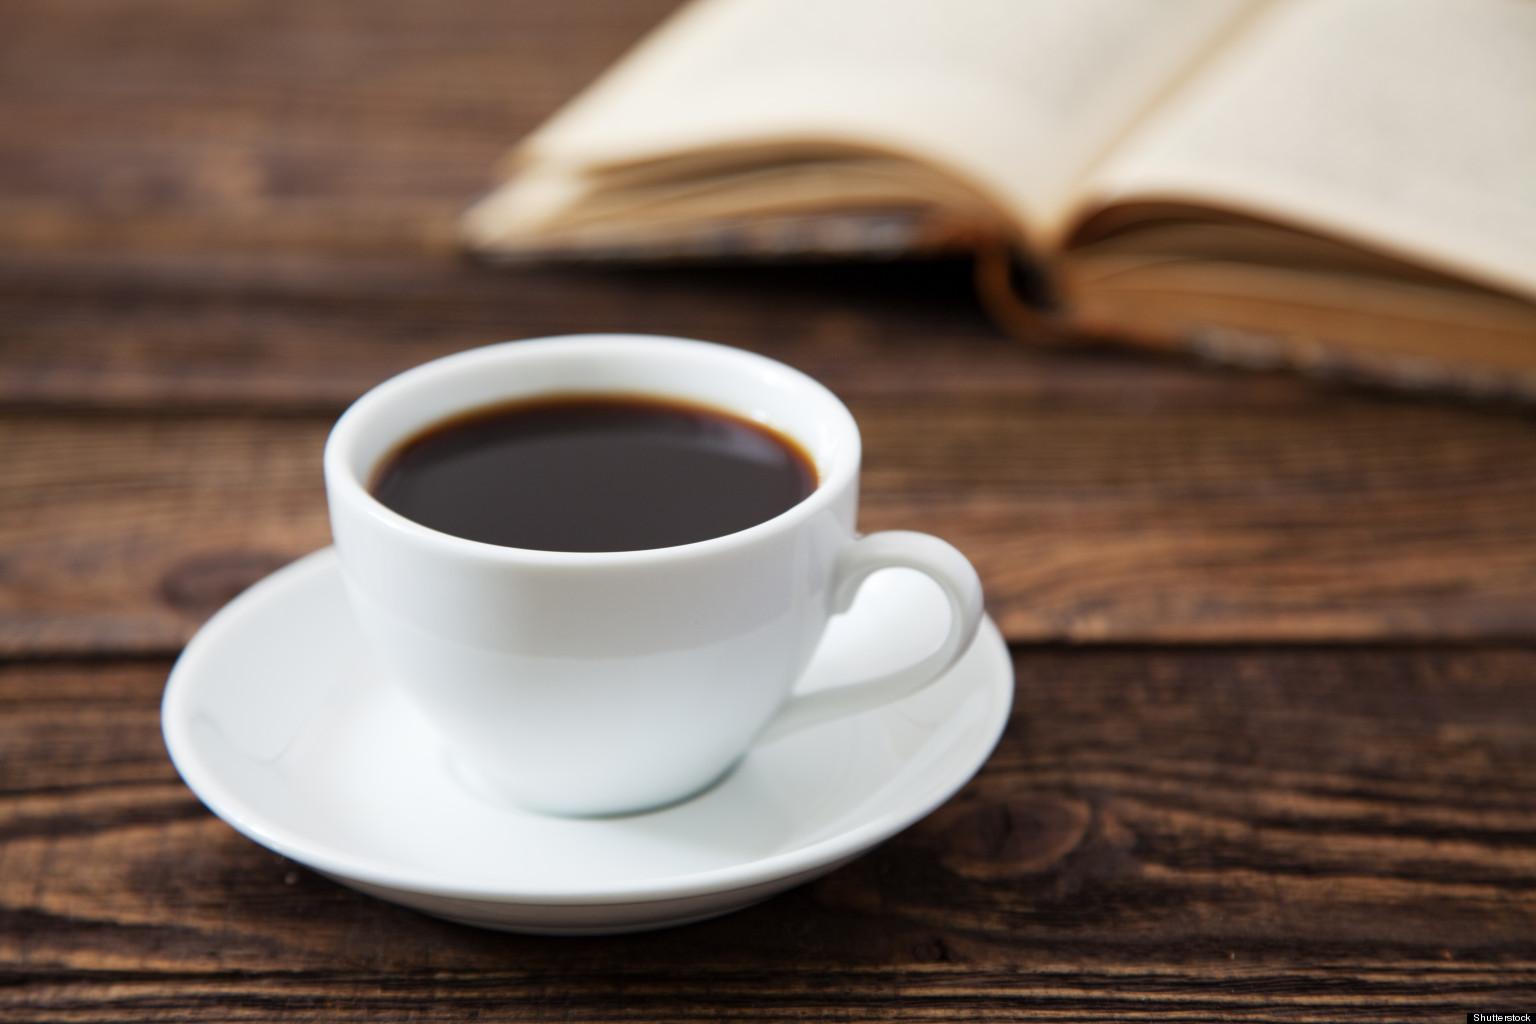 http://www.kellyjbaker.com/wp-content/uploads/2015/07/o-COFFEE-TEA-TASTE-facebook.jpg